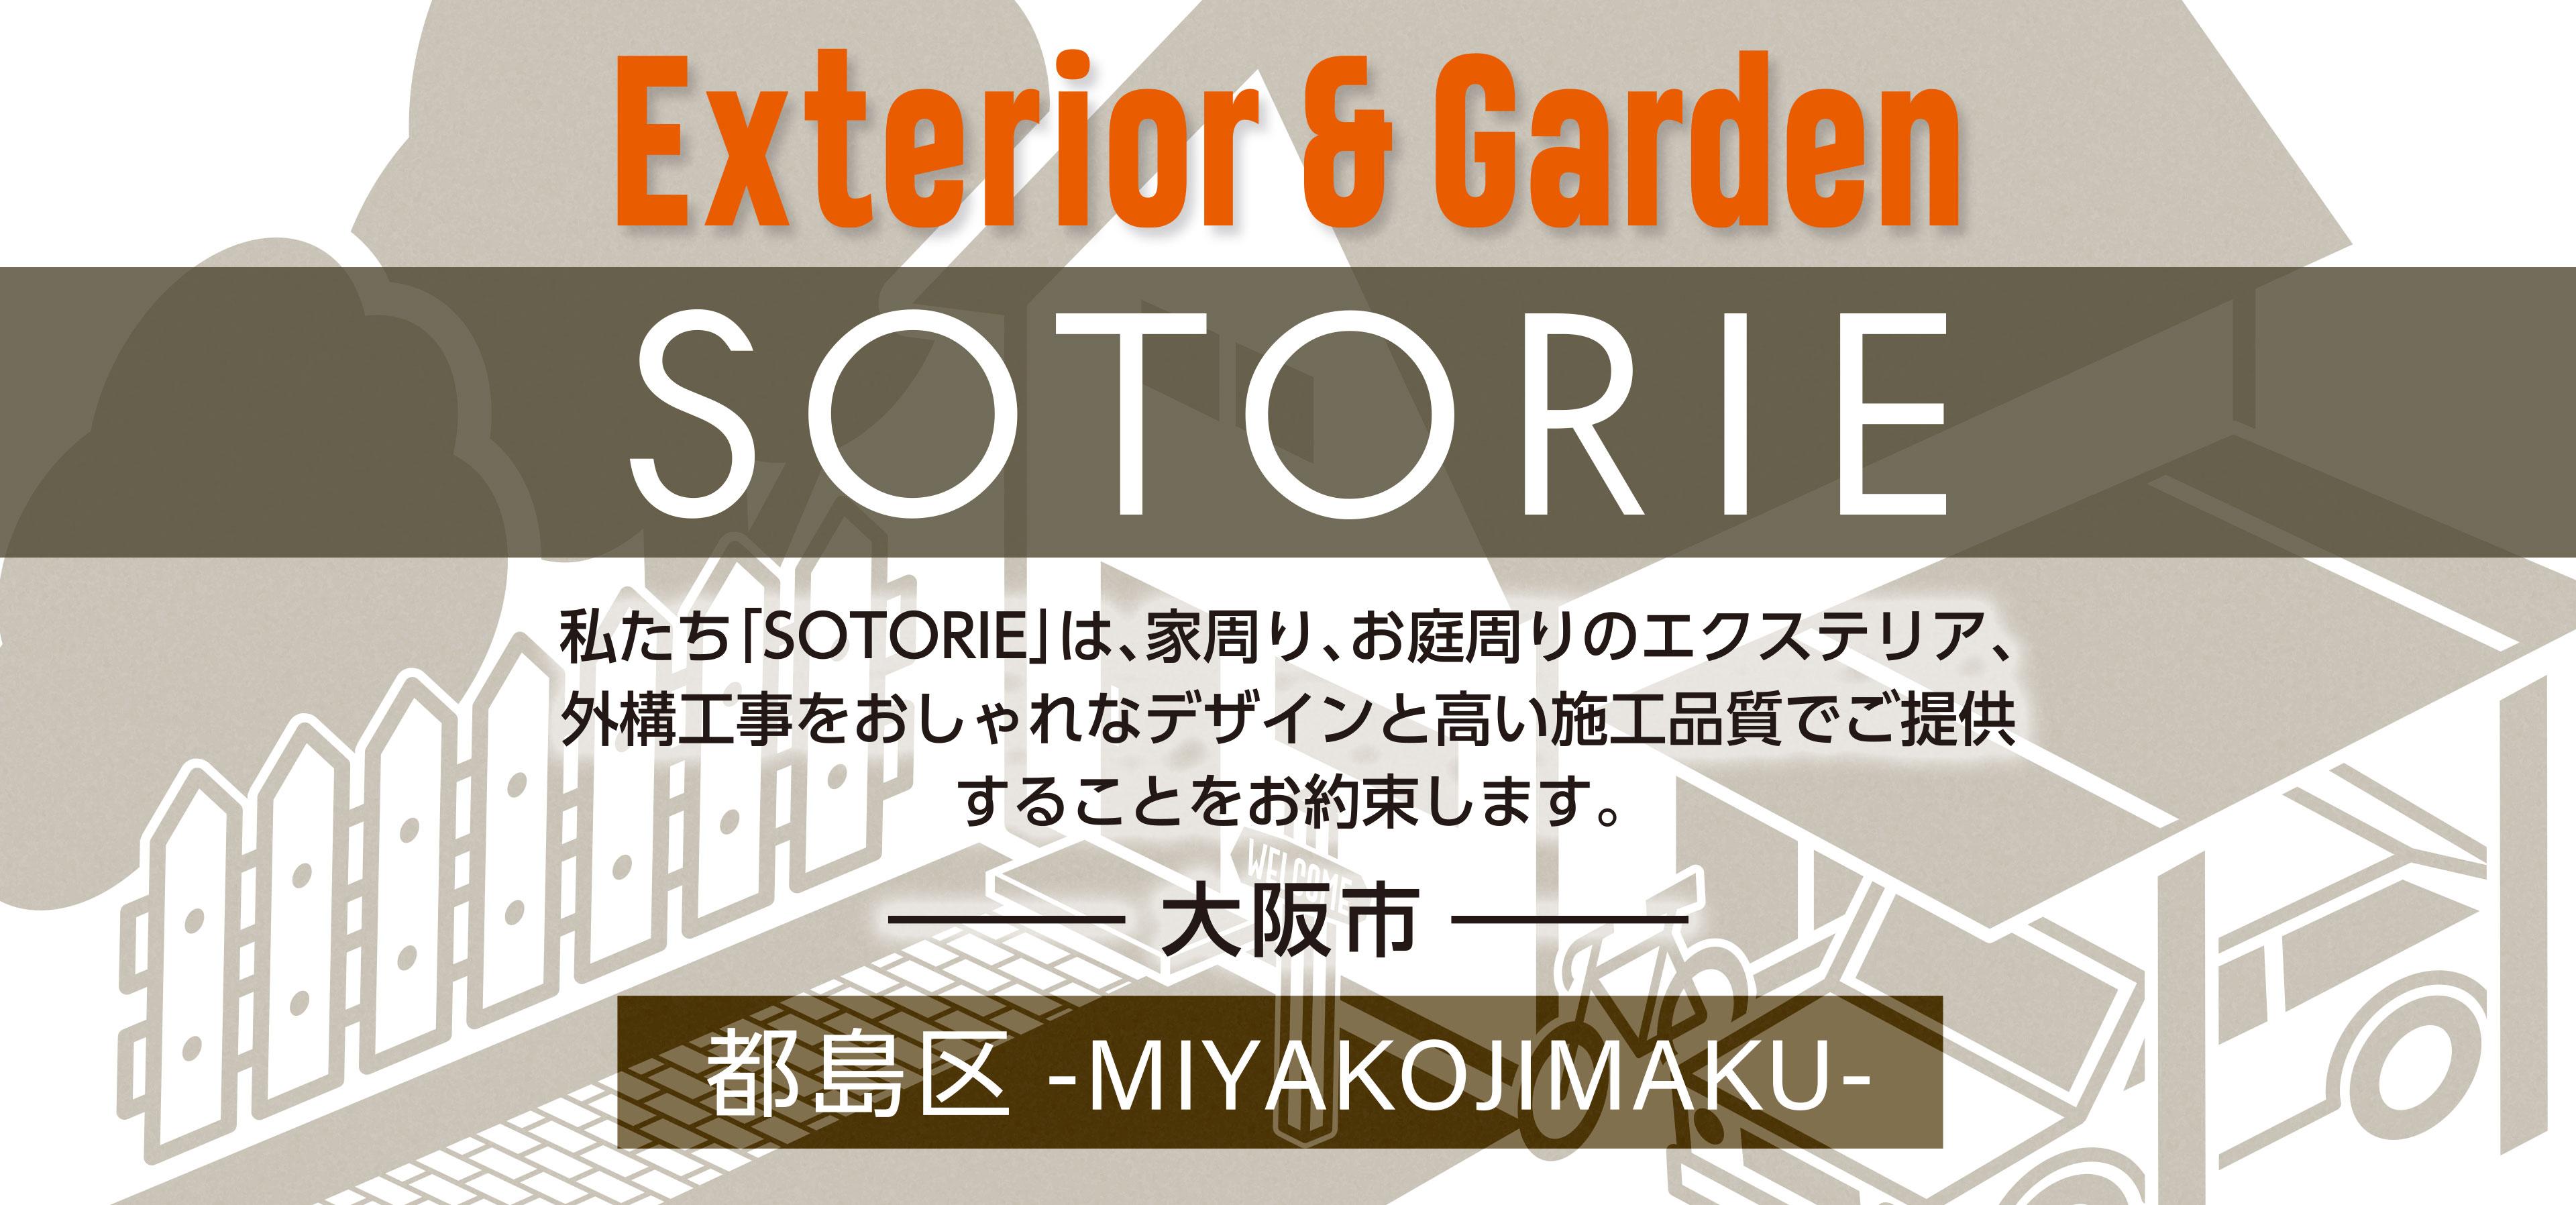 ソトリエ大阪市都島区では、家周りと庭周りの外構、エクステリア工事をおしゃれなデザインと高い施工品質でご提供することをお約束します。